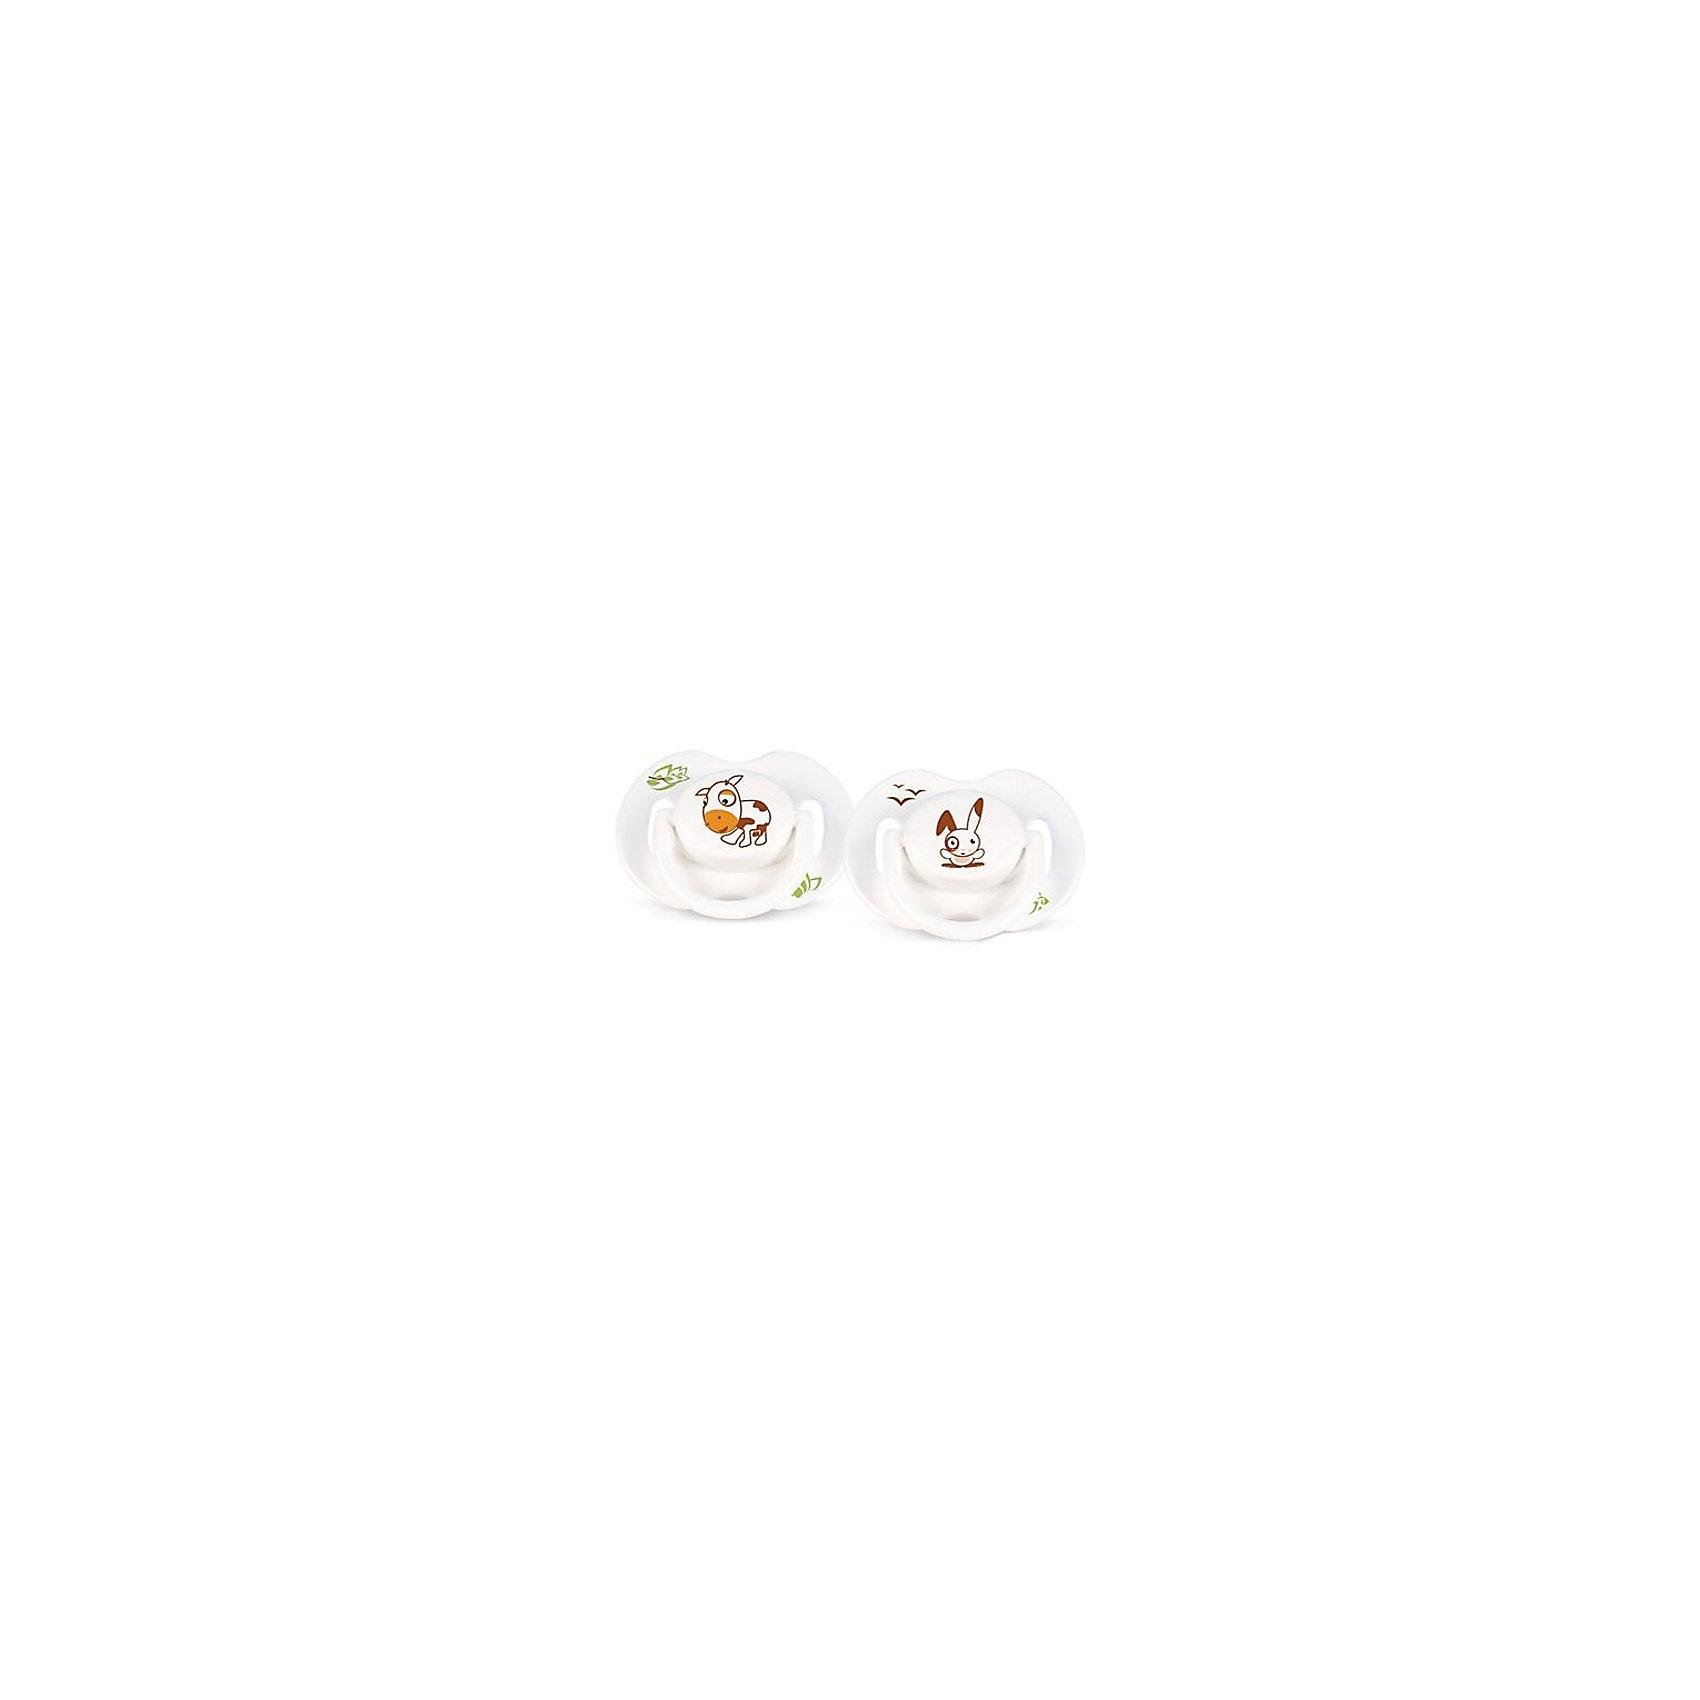 Силиконовая пустышка Домашние животные, 0-6 мес., 2 шт., AVENT, зайчик/коровкаОртодонтические симитричные мягкие соски от AVENT Philips серии Домашние животные, 0-6 мес  (уп.2шт) c различными изображениями животных наверняка порадуют вашего малыша.<br><br>Дополнительная информация: <br>- Удобные силиконовые соски , без запаха и вкуса<br>- Безопасность: предохранительное кольцо-держатель  позволяет с легкостью вынуть пустышку в любой момент<br>- Гигиеничность: защелкивающийся защитный колпачок для сохранения чистоты стерилизованных сосок <br>- Можно стерилизовать<br>- Можно мыть в посудомоечной машине<br>- Рекомендуемый возраст: 0-6 мес<br>- Рисунок: коровка/зайка<br> <br>В комплект входит: <br>- Силиконовая соска: 2 шт. <br>- Защелкивающийся защитный колпачок: 2 шт. <br><br>Силиконовую пустышку Домашние животные, 0-6 мес., 2 шт., AVENT можно купить в нашем интернет-магазине.<br><br>Ширина мм: 50<br>Глубина мм: 100<br>Высота мм: 100<br>Вес г: 63<br>Возраст от месяцев: 0<br>Возраст до месяцев: 36<br>Пол: Унисекс<br>Возраст: Детский<br>SKU: 2335053